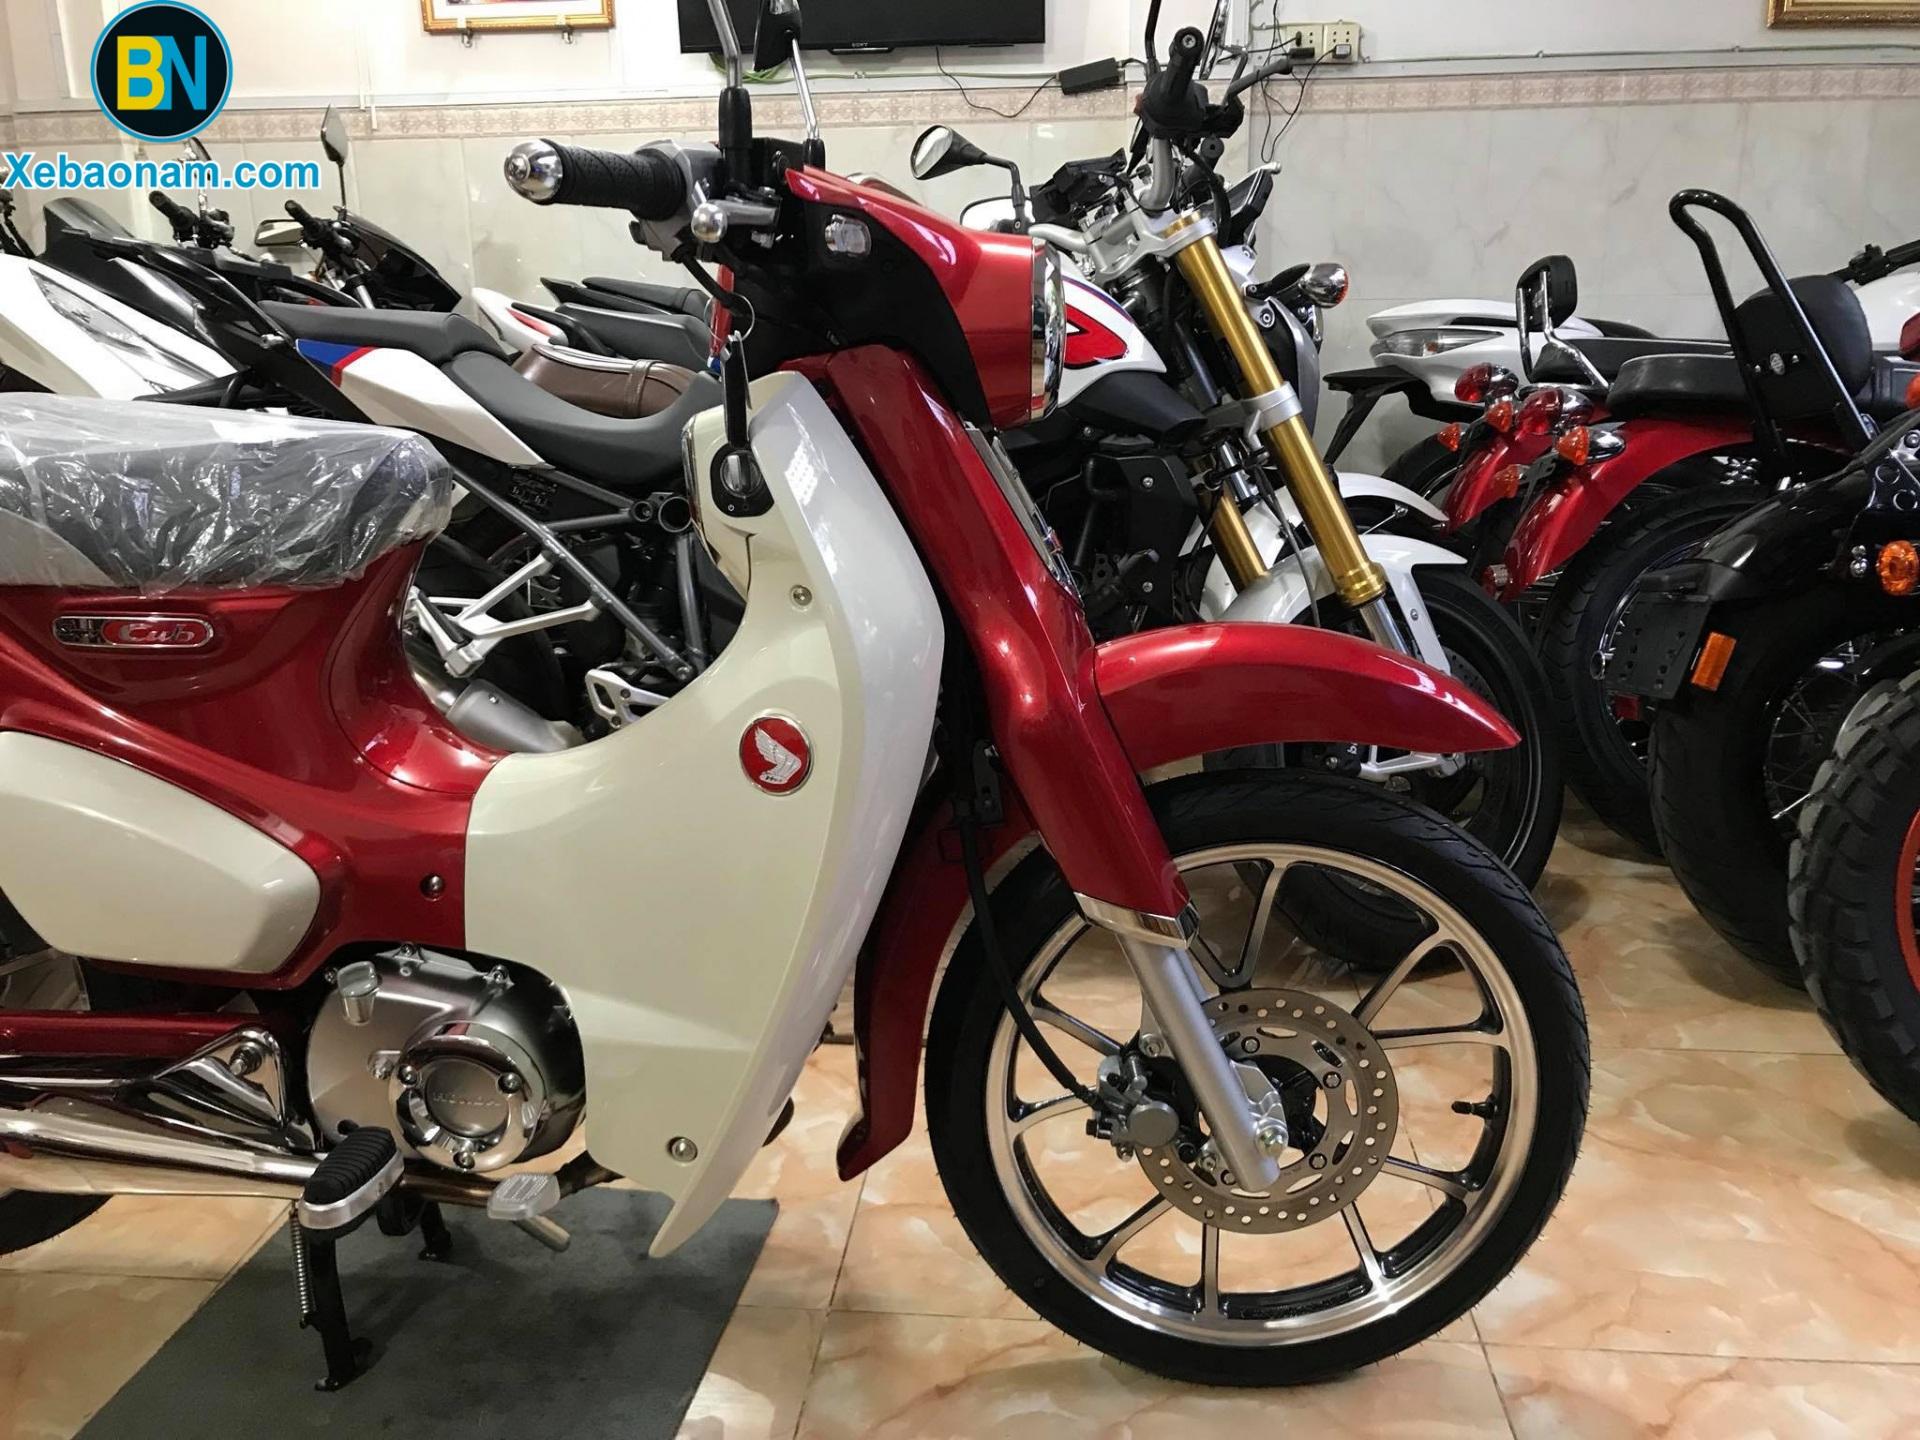 cub-classic-c125-honda-15